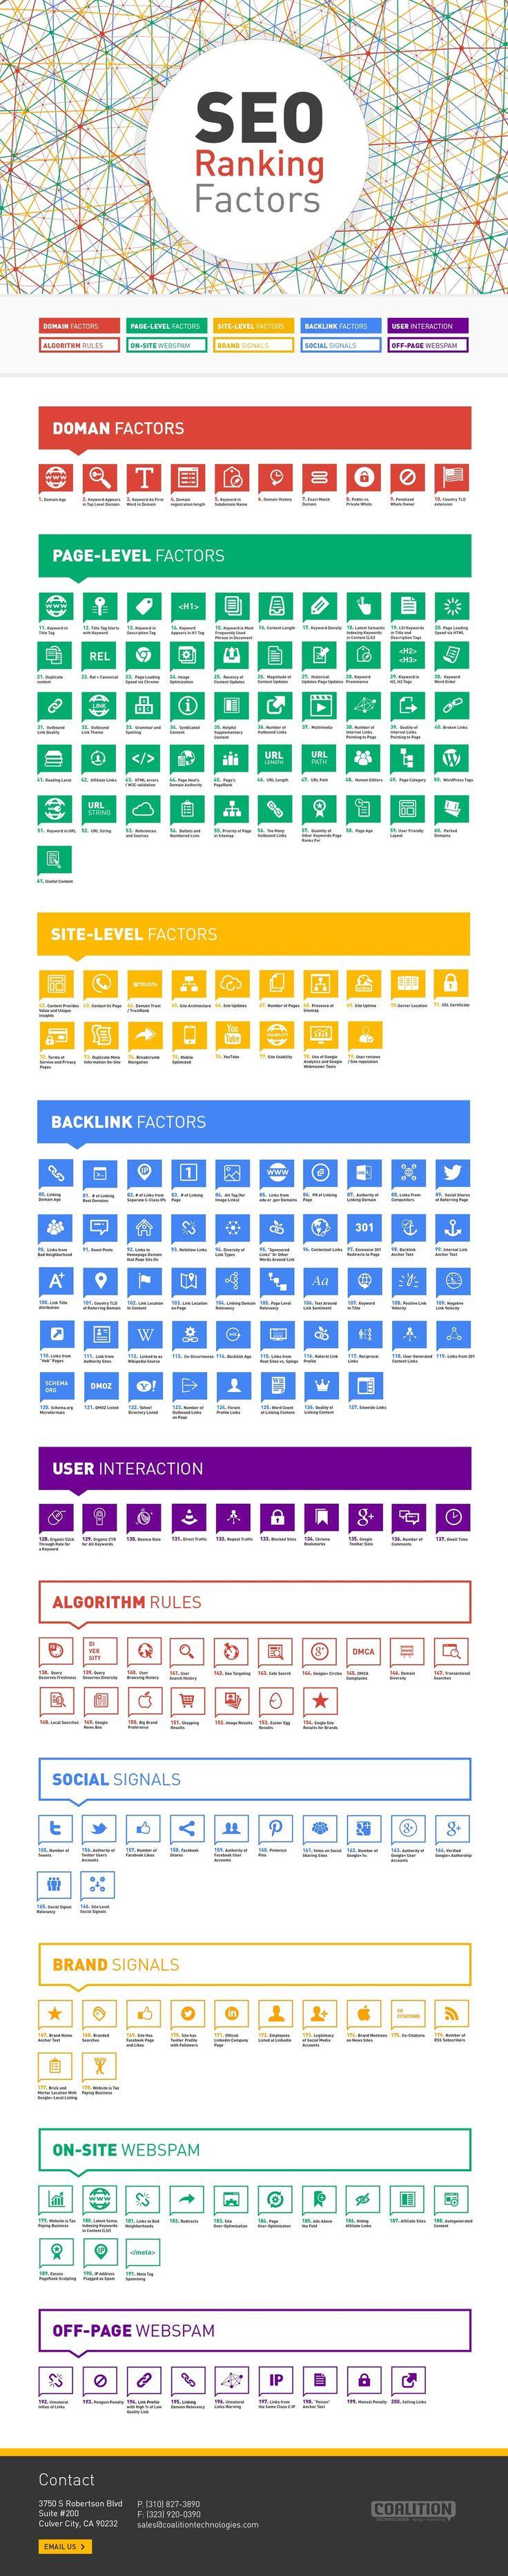 Infografik: SEO Ranking Faktors - Diese Infografik zeigt Domain-, Page-Level-, Site-Level-, Backlink-Faktoren sowie die User-Interaktion. SEO-Beratung erhalten Sie unter www.ihp-media.com #Suchmaschinenoptimierung #SEO #Ranking #Backlinks #Google